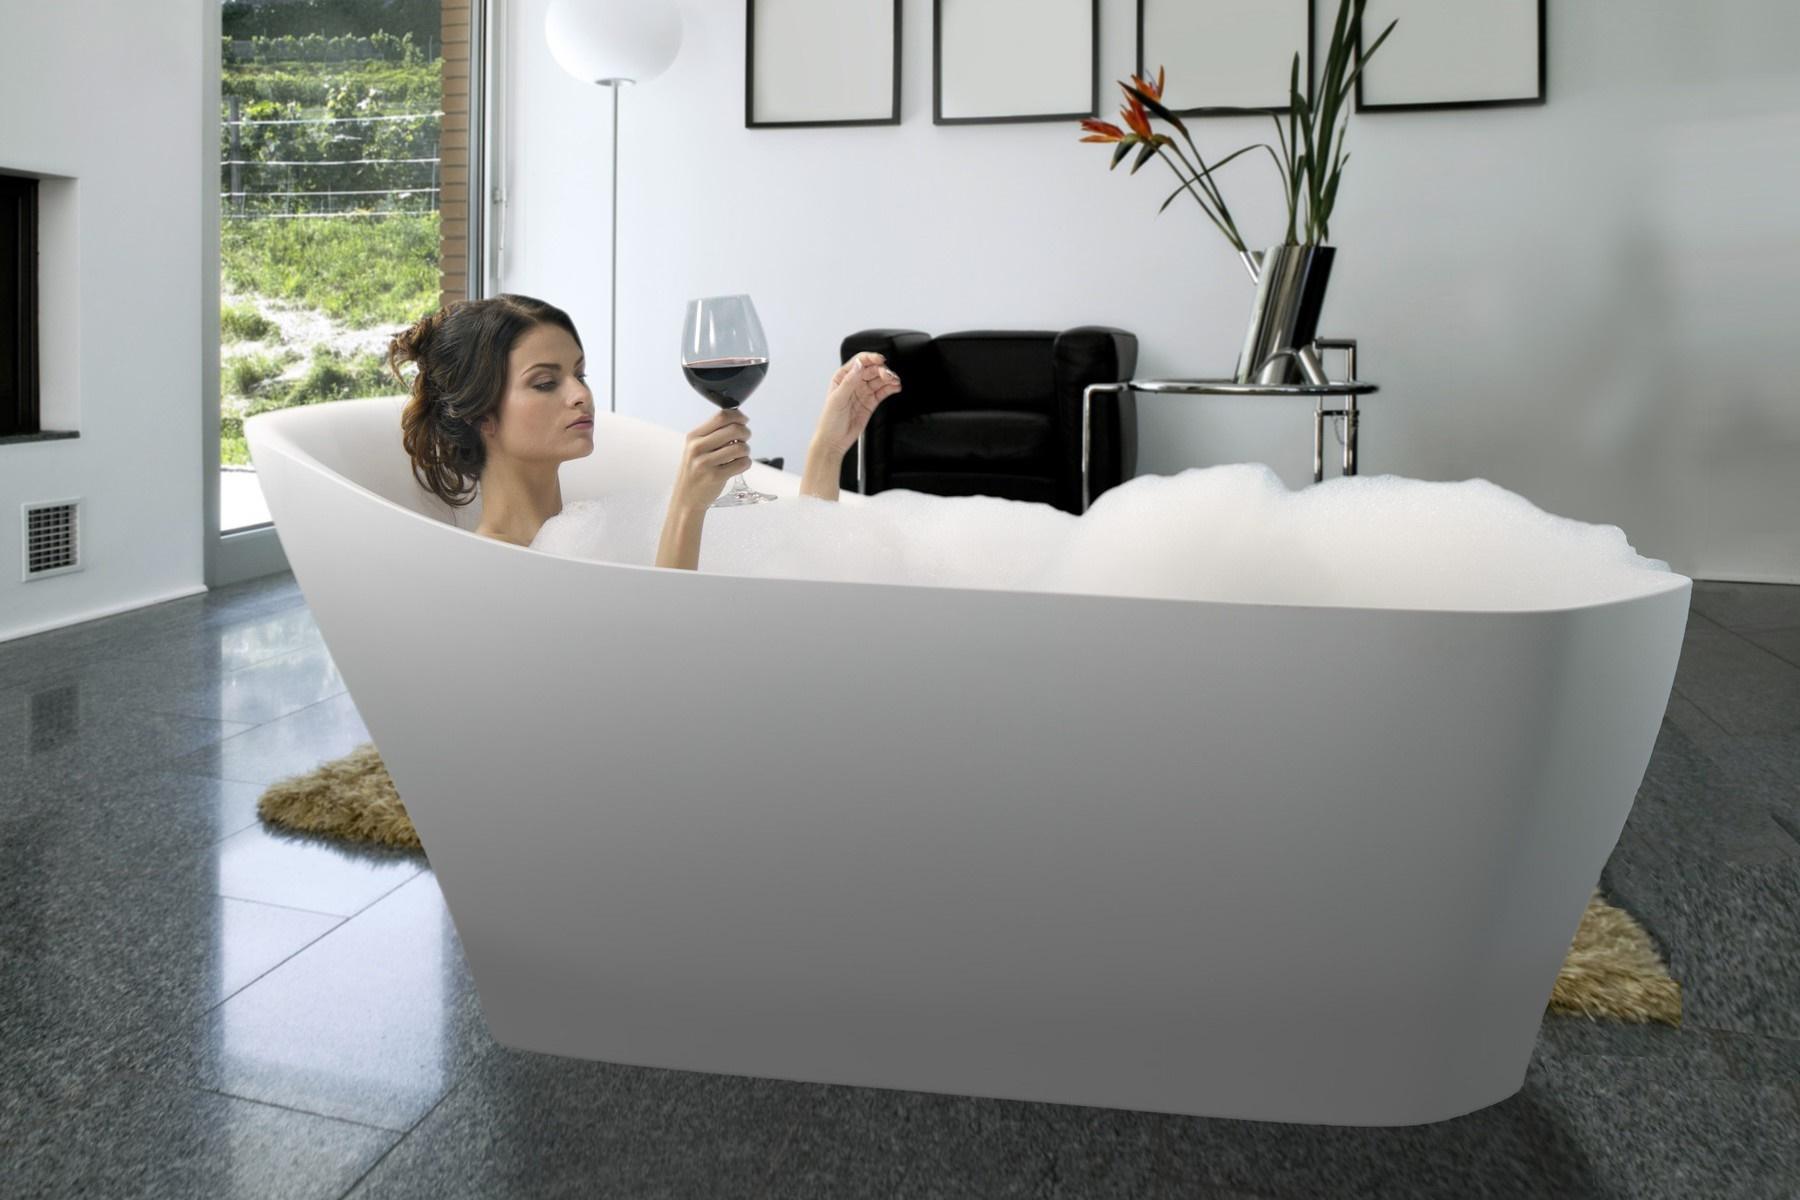 Vasca Da Bagno Incasso Offerta : Vasche da bagno edilceramiche di maccanò